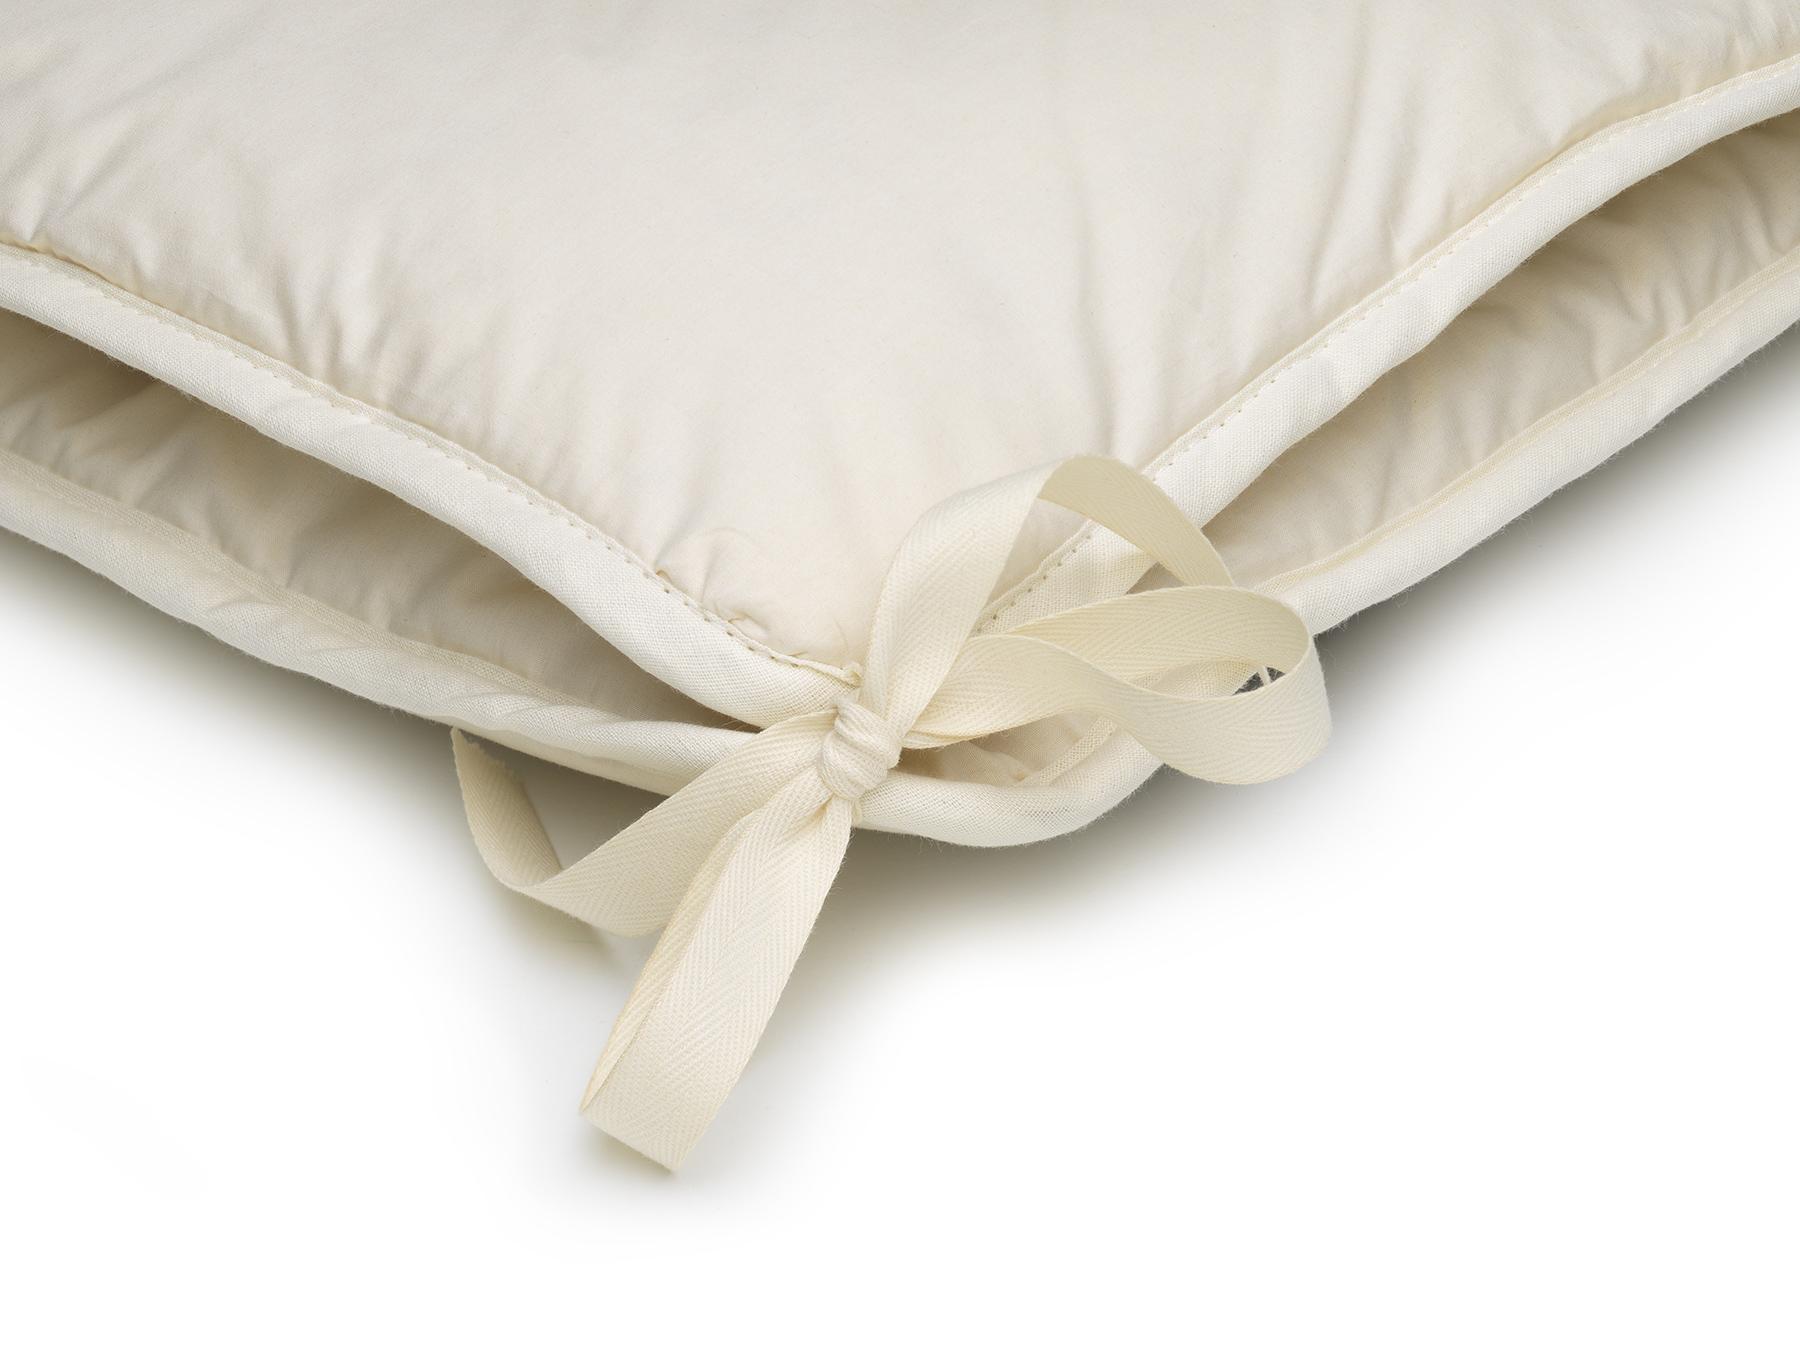 Mit praktischen Bändern können die beiden Decken verknüpft werden.